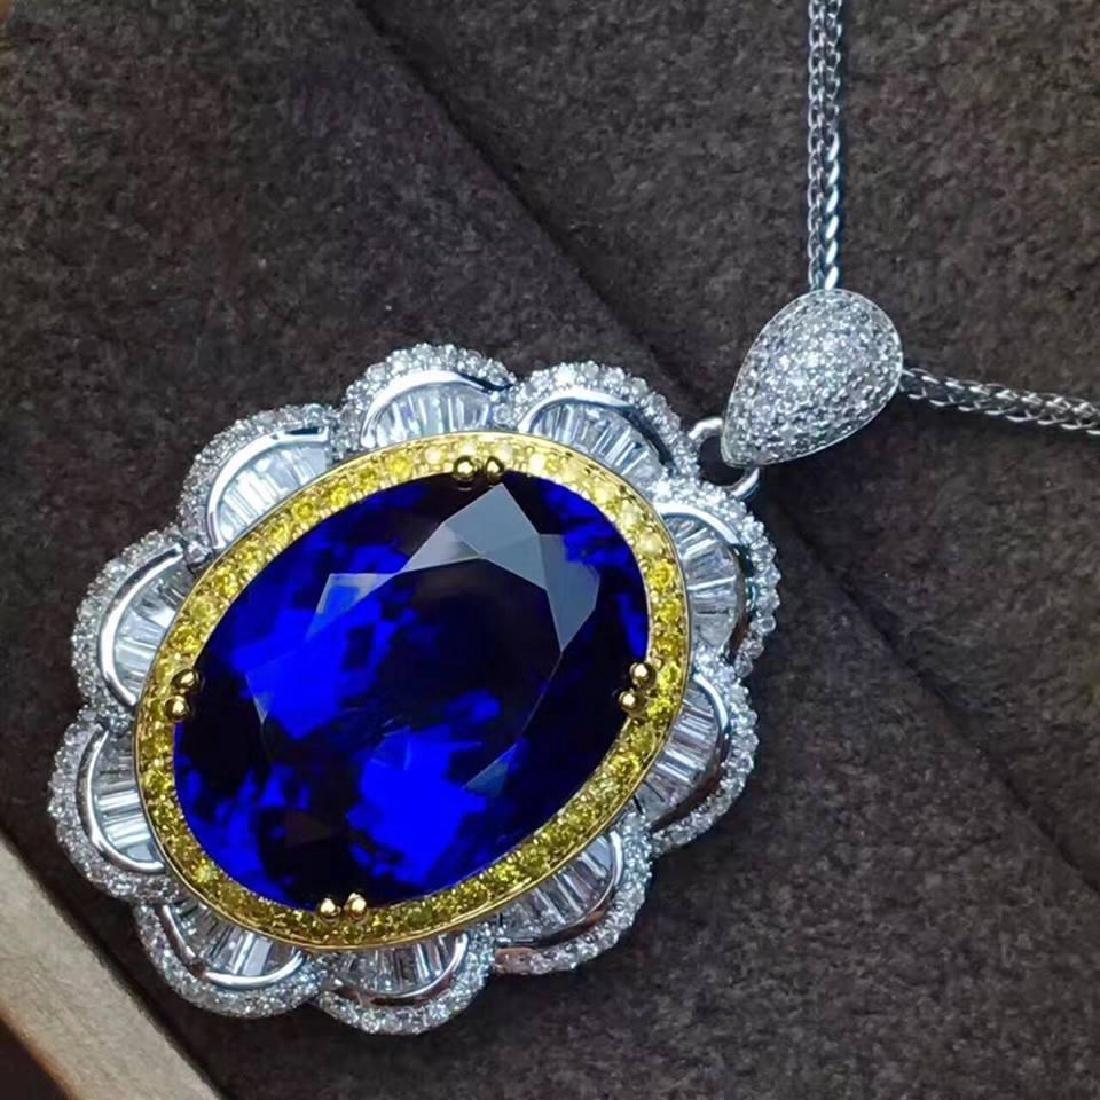 Natural Royal Blue Tanzanite 14 Carats Pendant